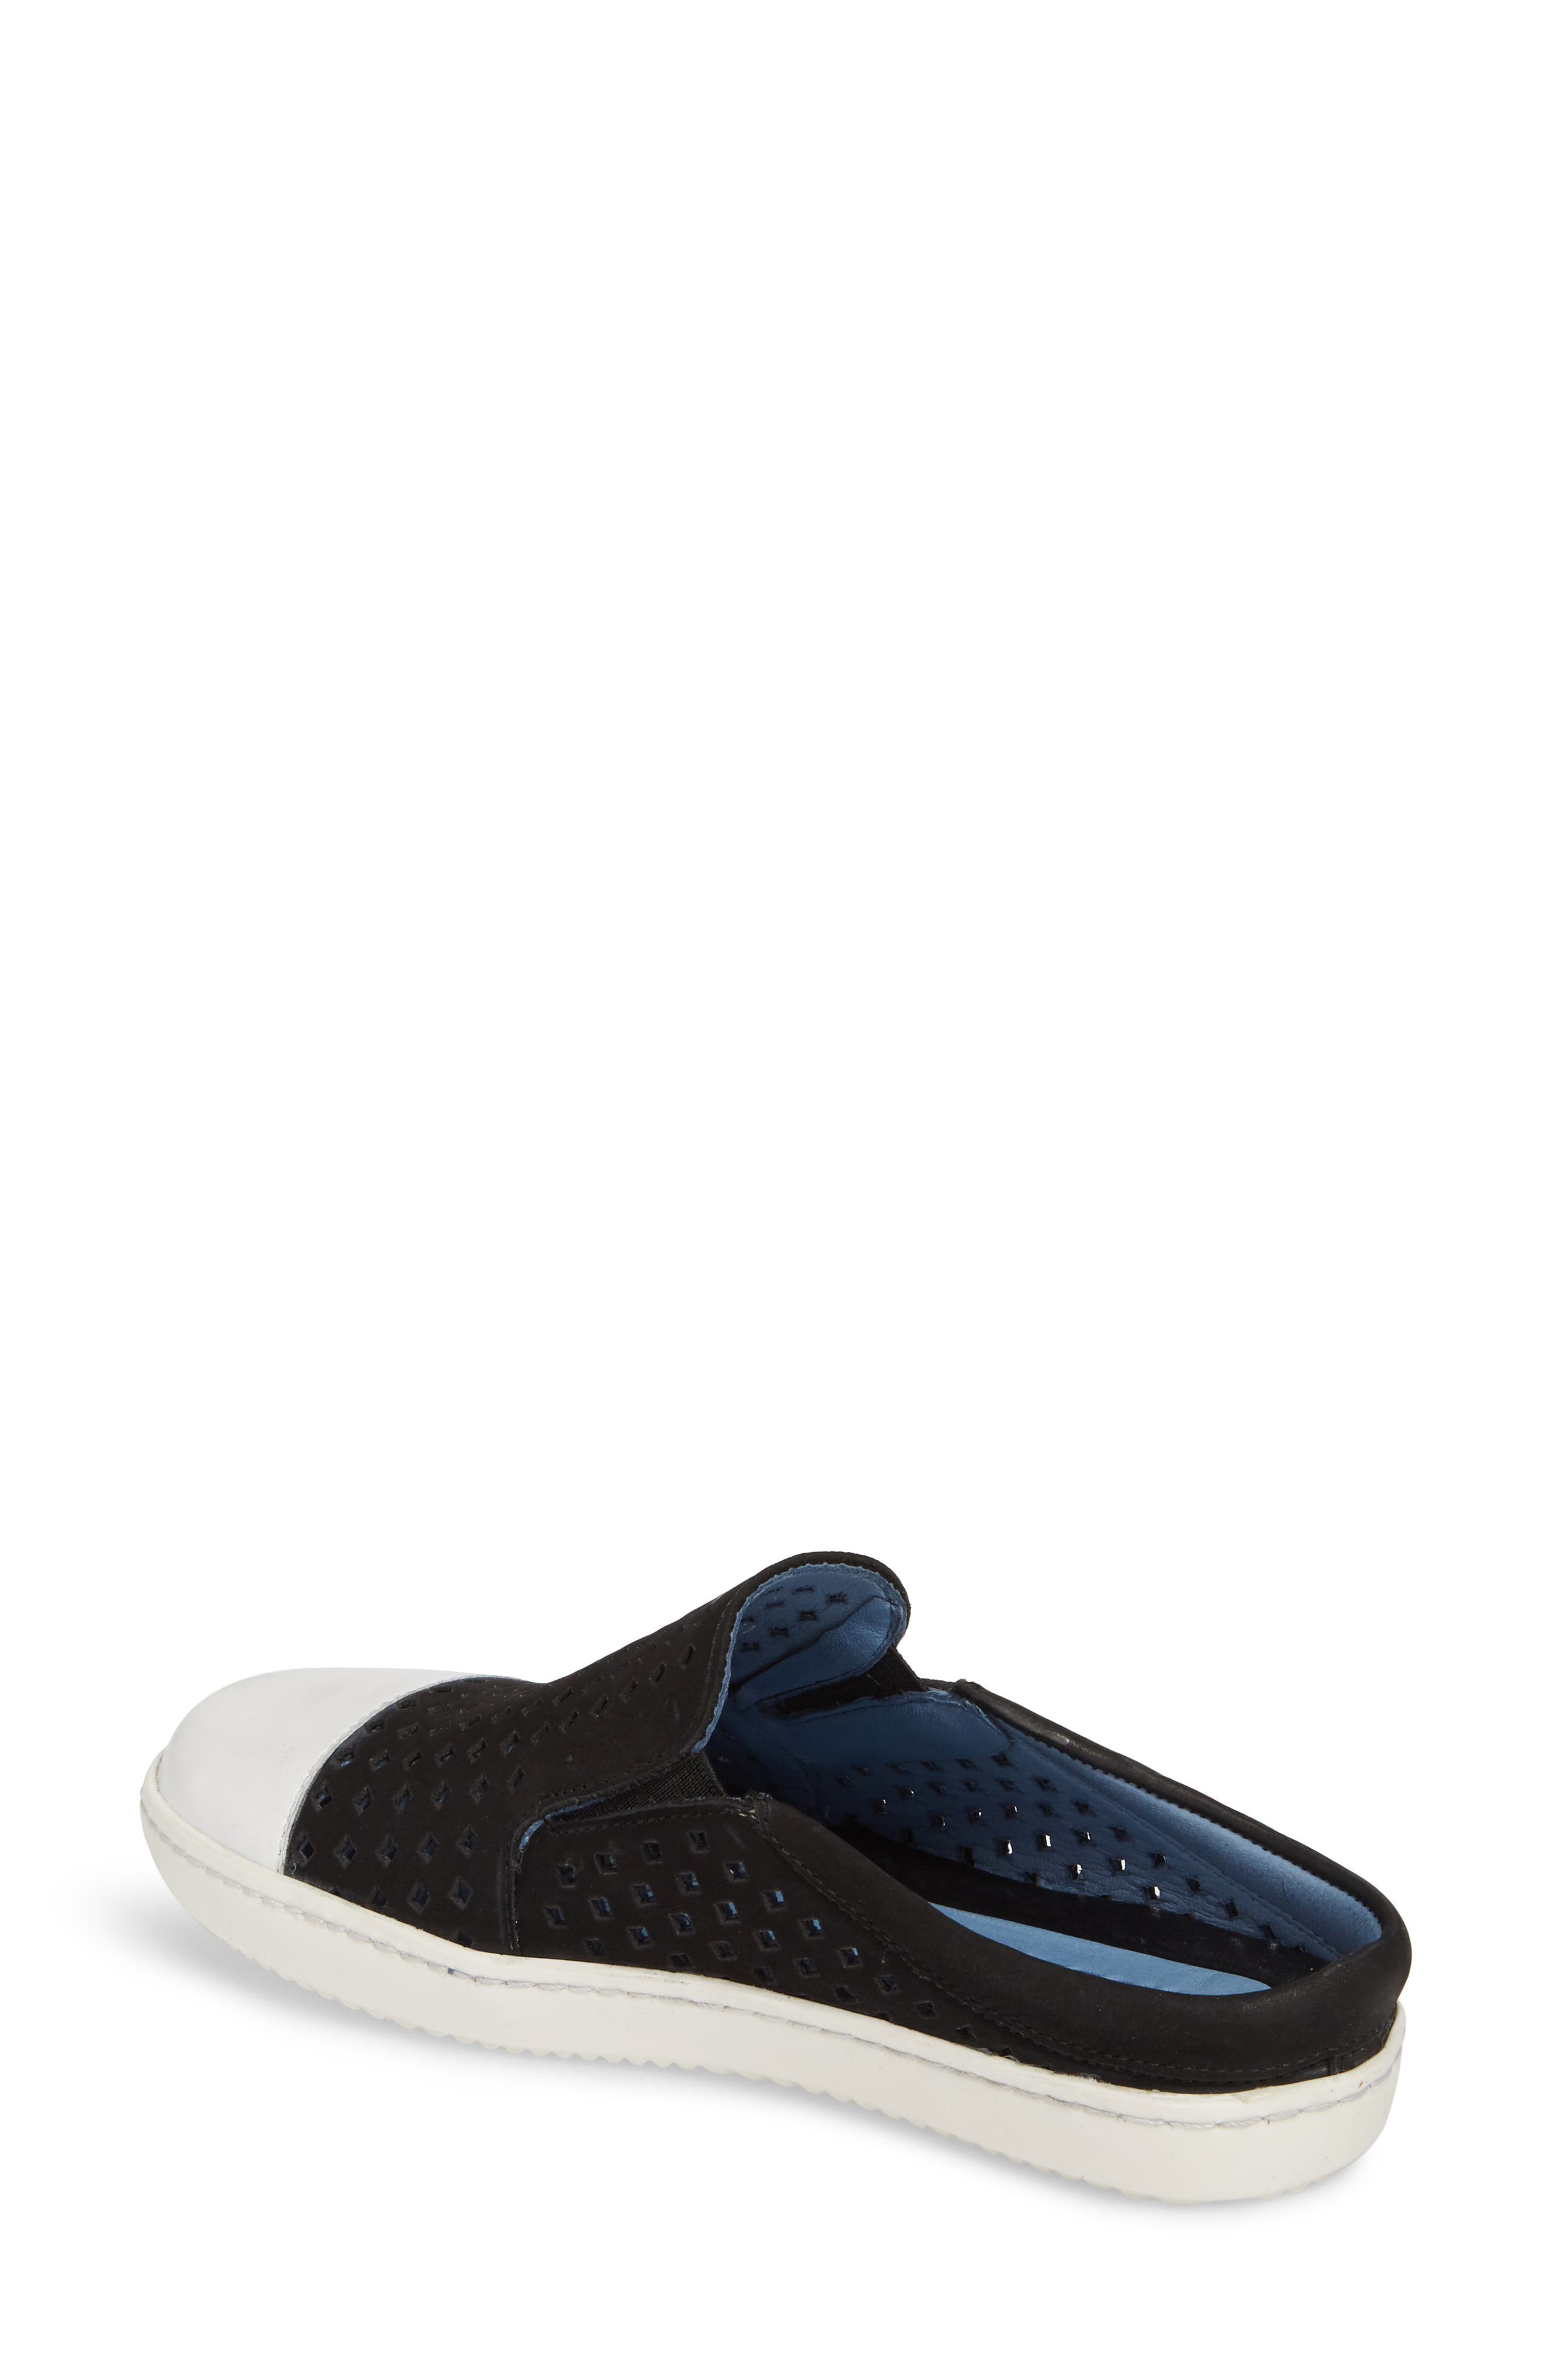 Tippy Slip-On Sneaker,                             Alternate thumbnail 3, color,